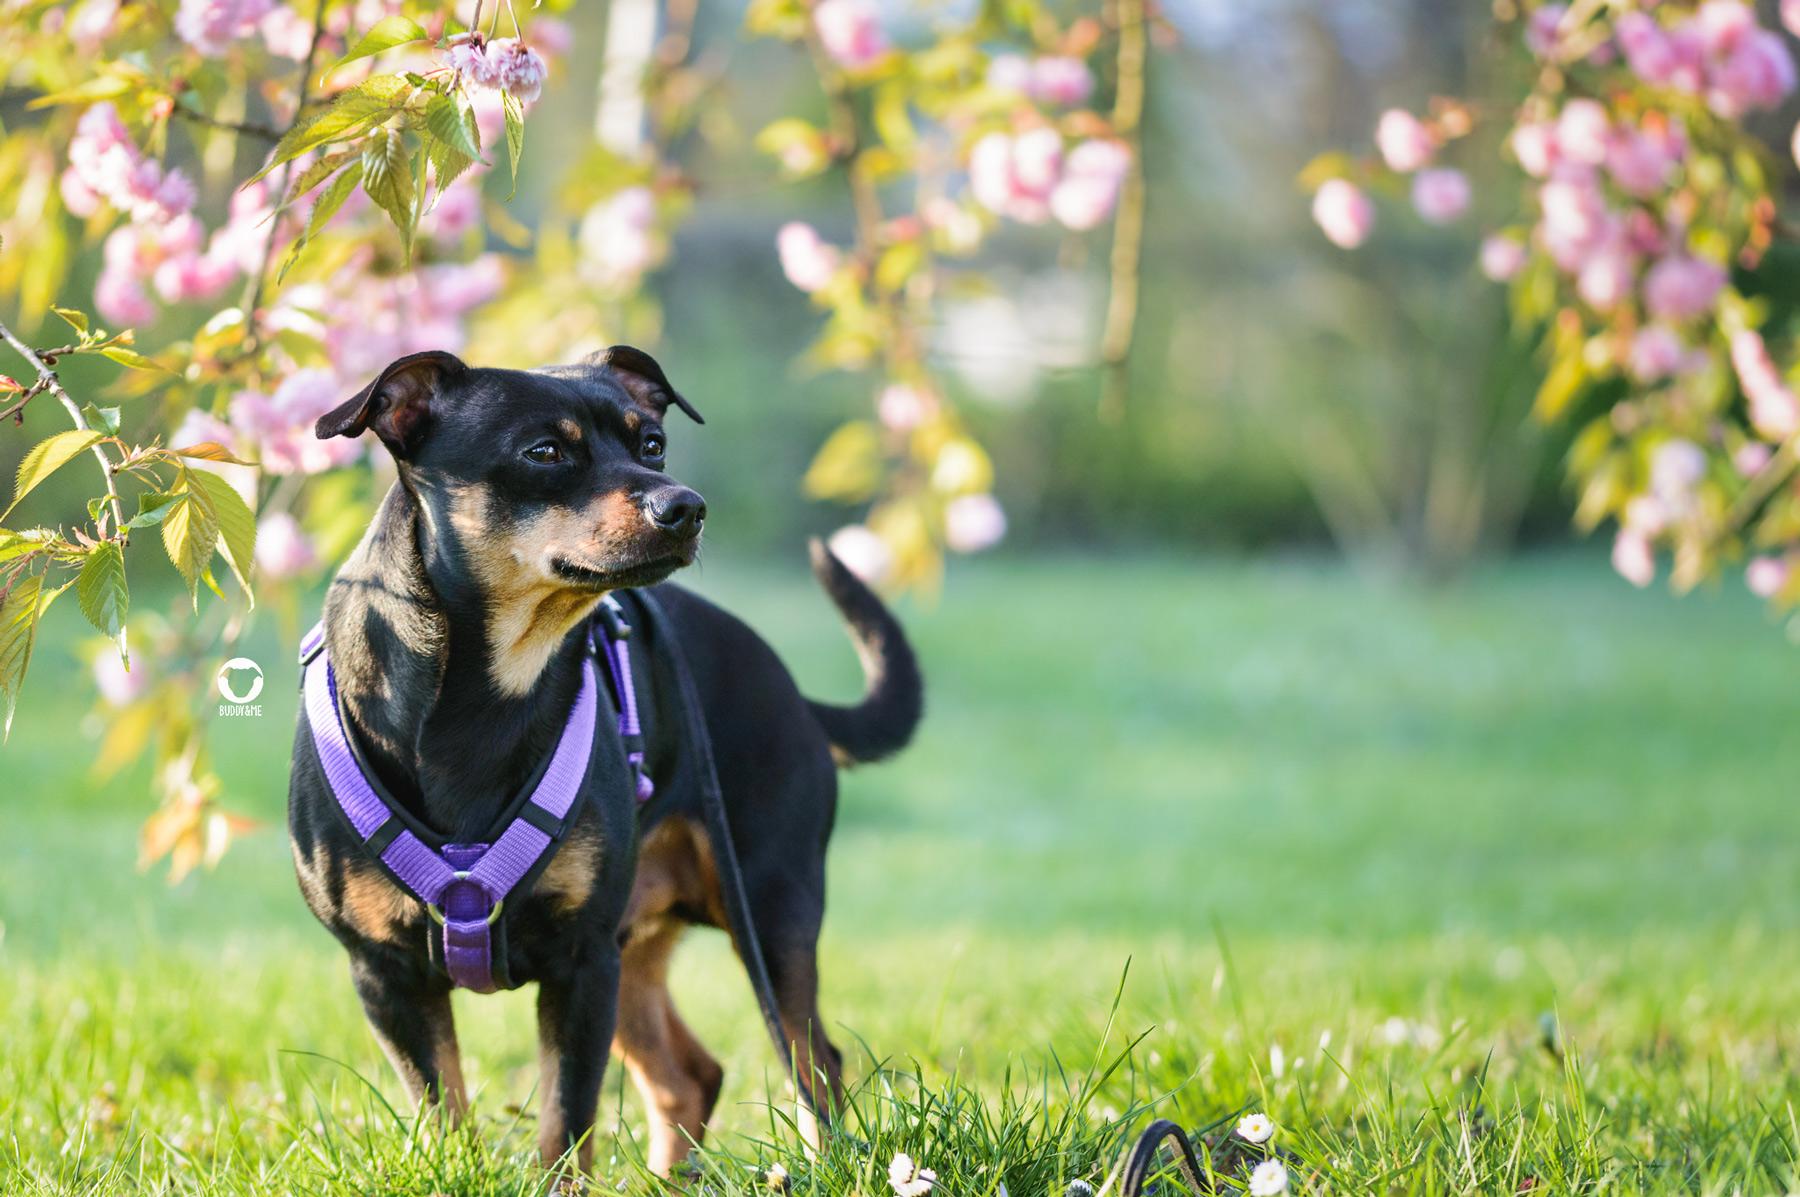 Pinscher Buddy, Buddy and Me, Hundeblog, Dogblog, Hundefotografie, Frühling, Kischblüte, Blumen, Blüten, rosa, Essen, Gruga, Grugapark